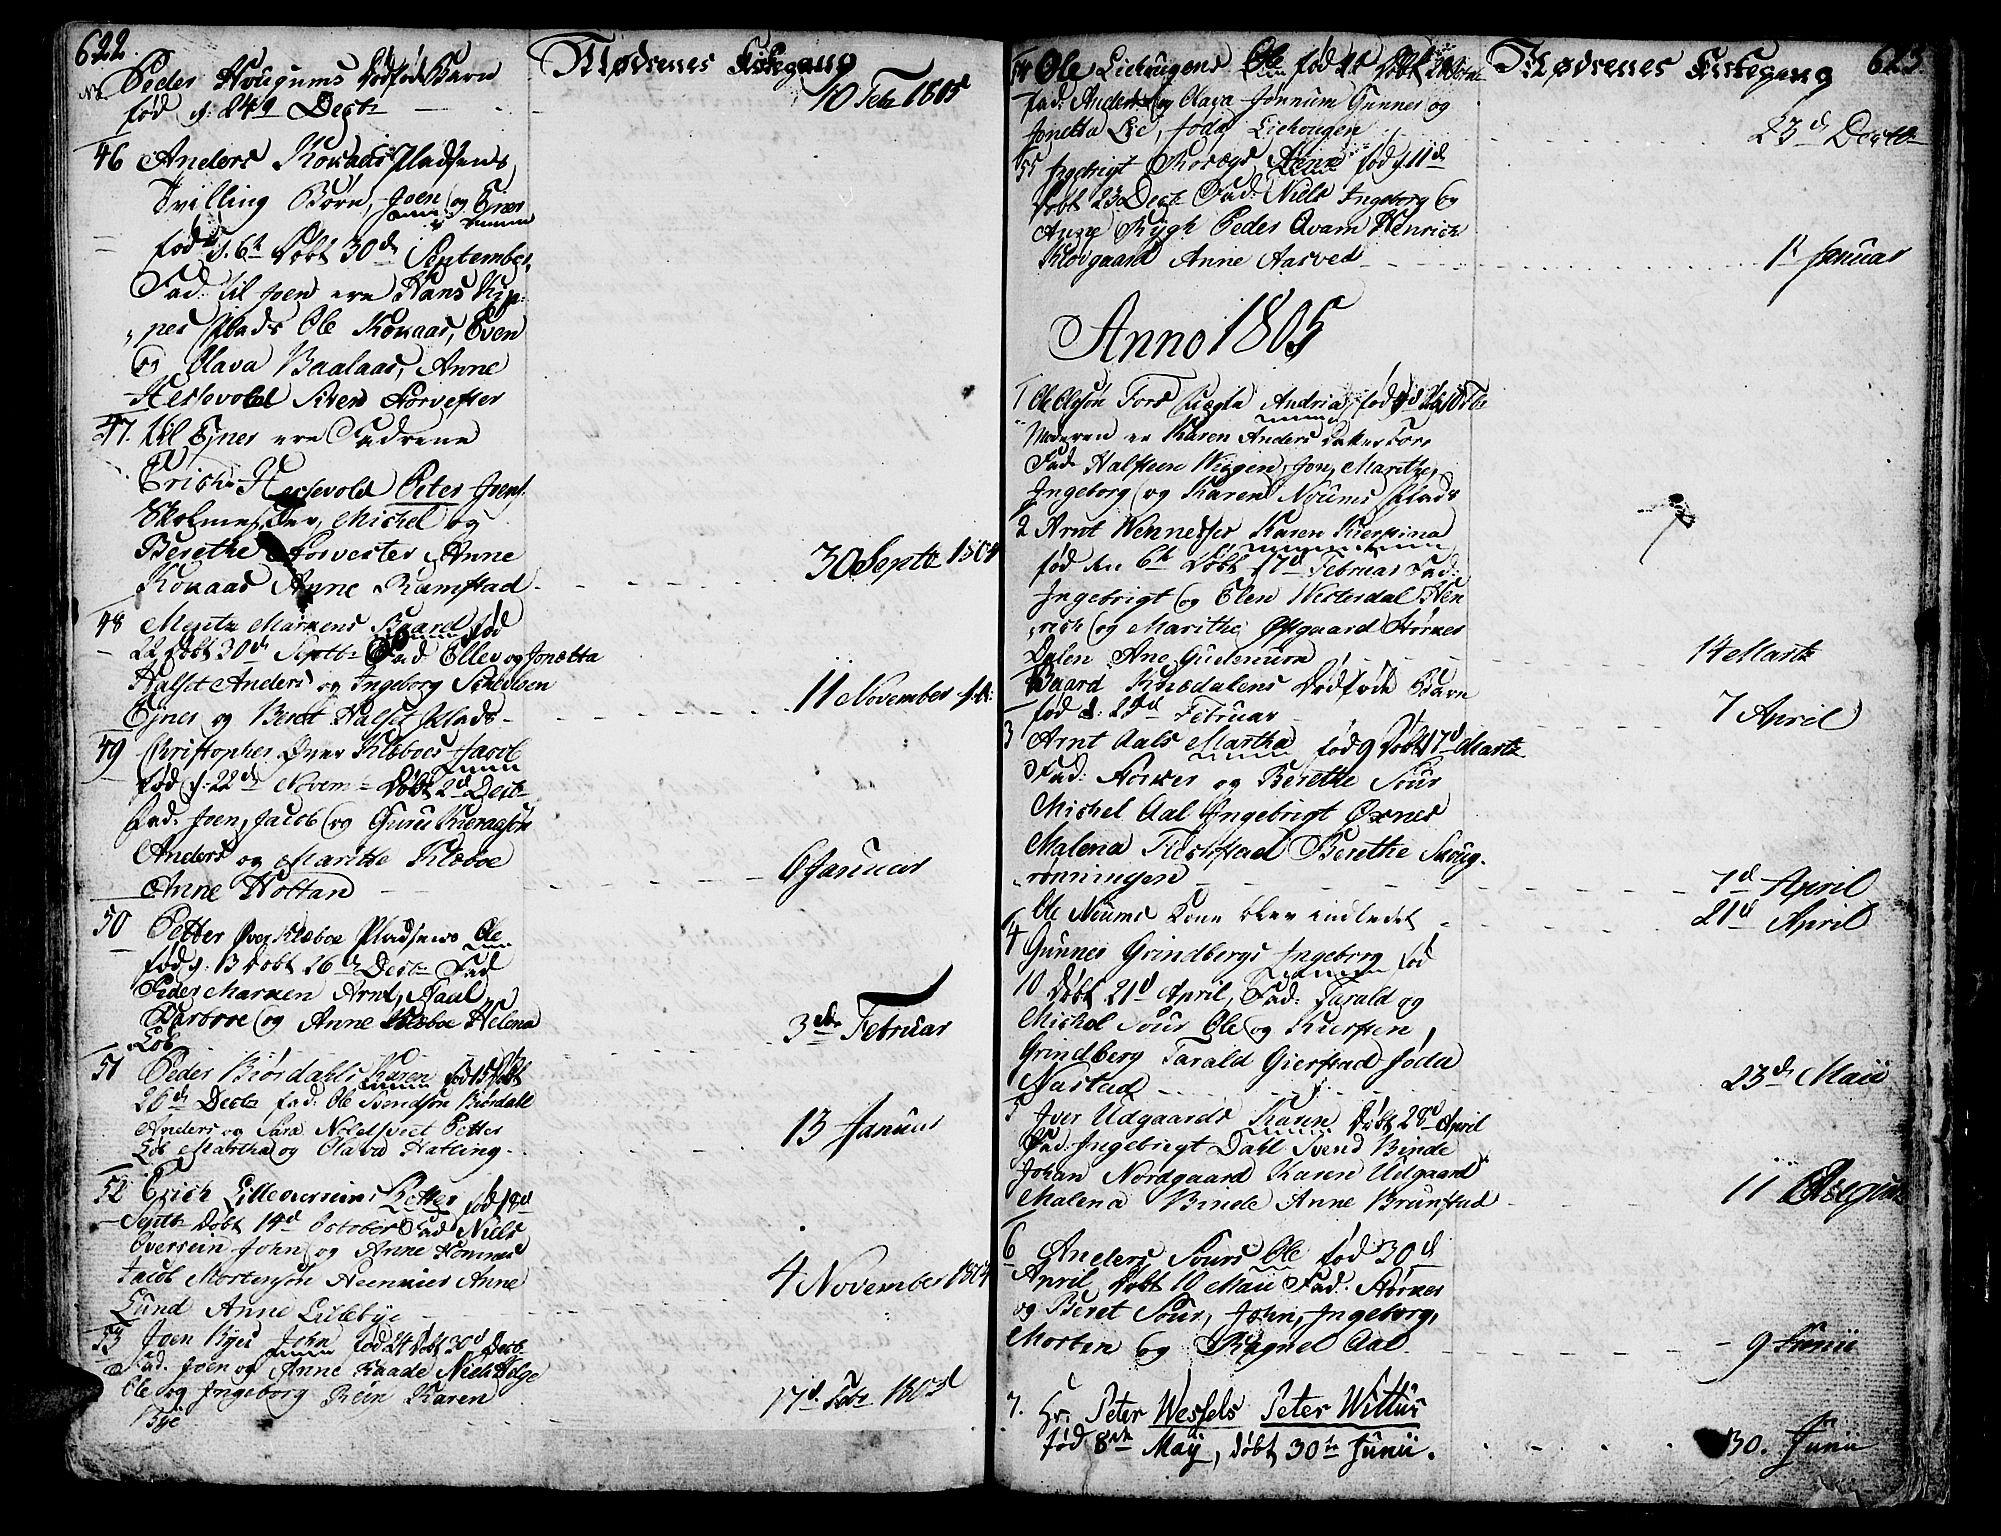 SAT, Ministerialprotokoller, klokkerbøker og fødselsregistre - Nord-Trøndelag, 746/L0440: Ministerialbok nr. 746A02, 1760-1815, s. 622-623